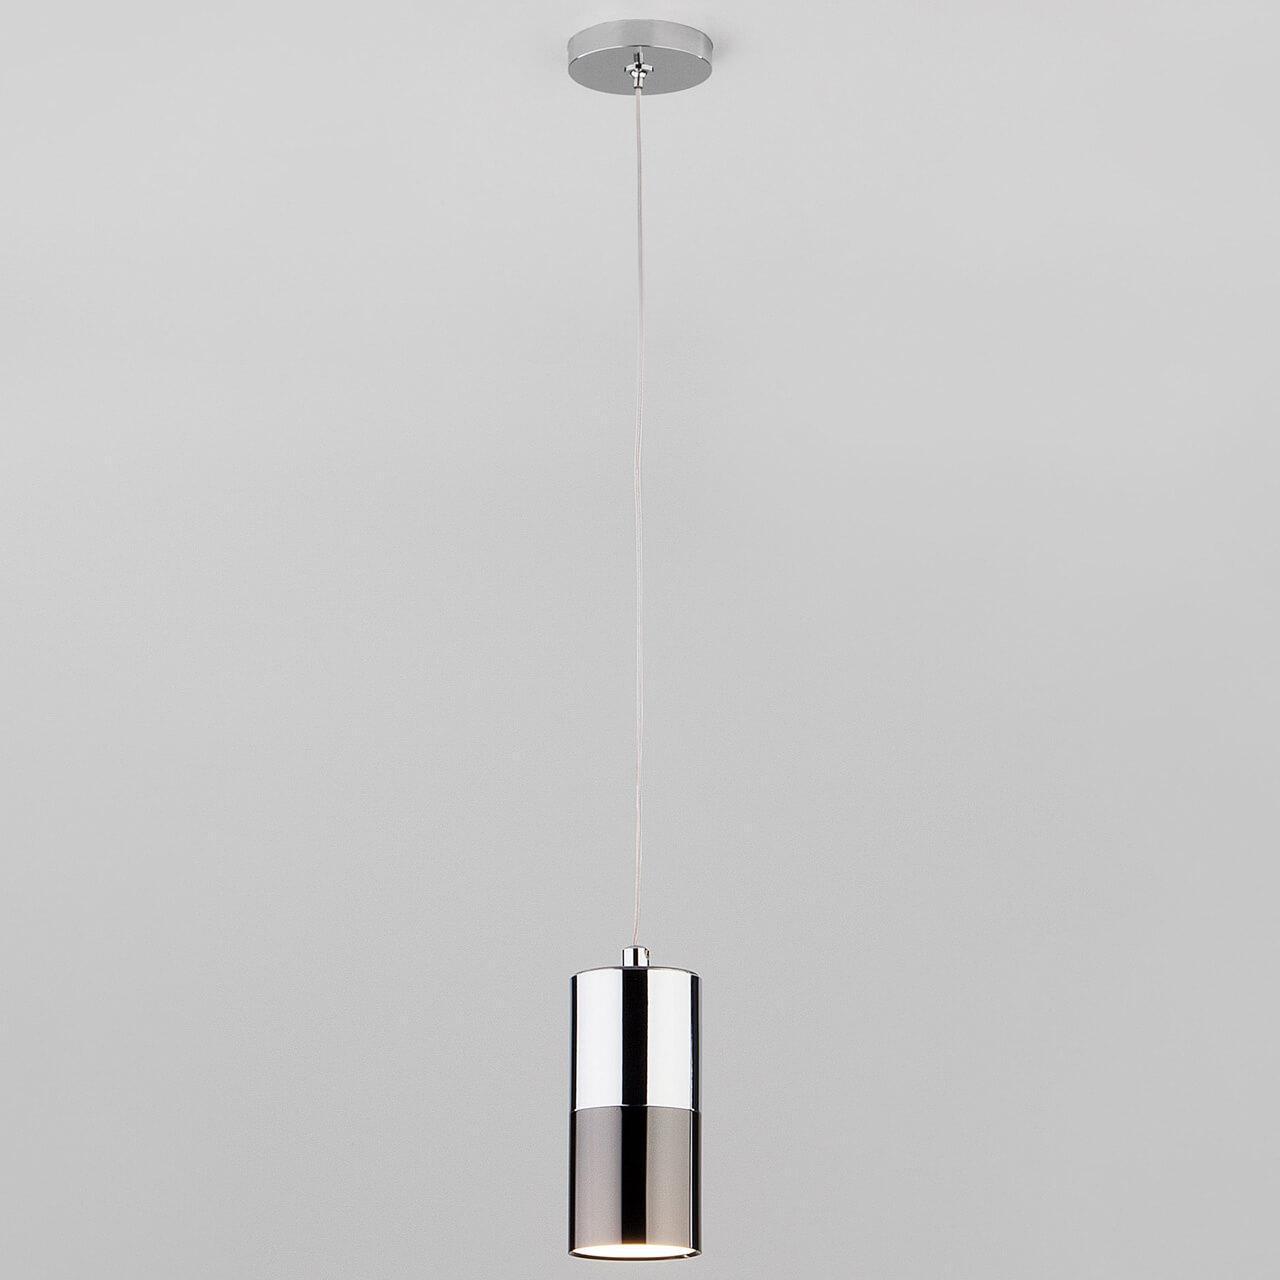 Подвесной светильник EUROSVET 50146/1 хром/черный жемчуг, GU10, 5 Вт